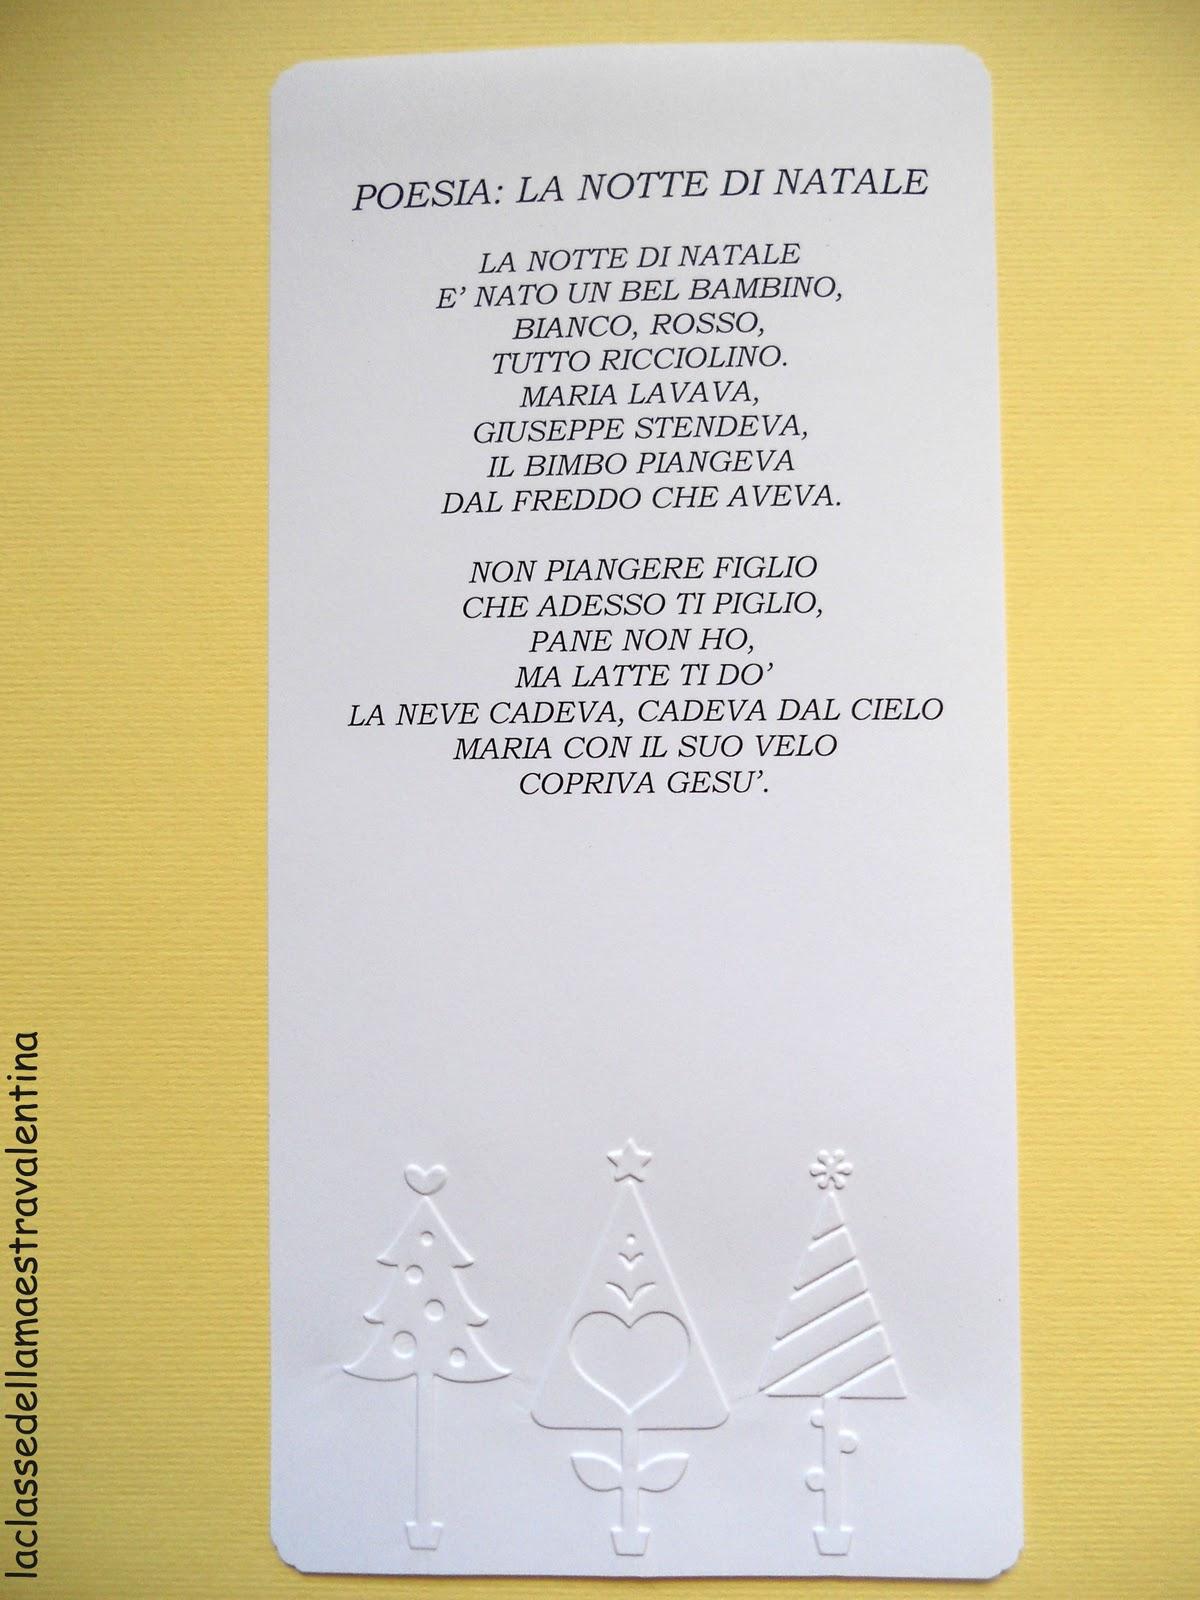 poema para una maestra 2 10 from 71 votes poema para una maestra 4 10